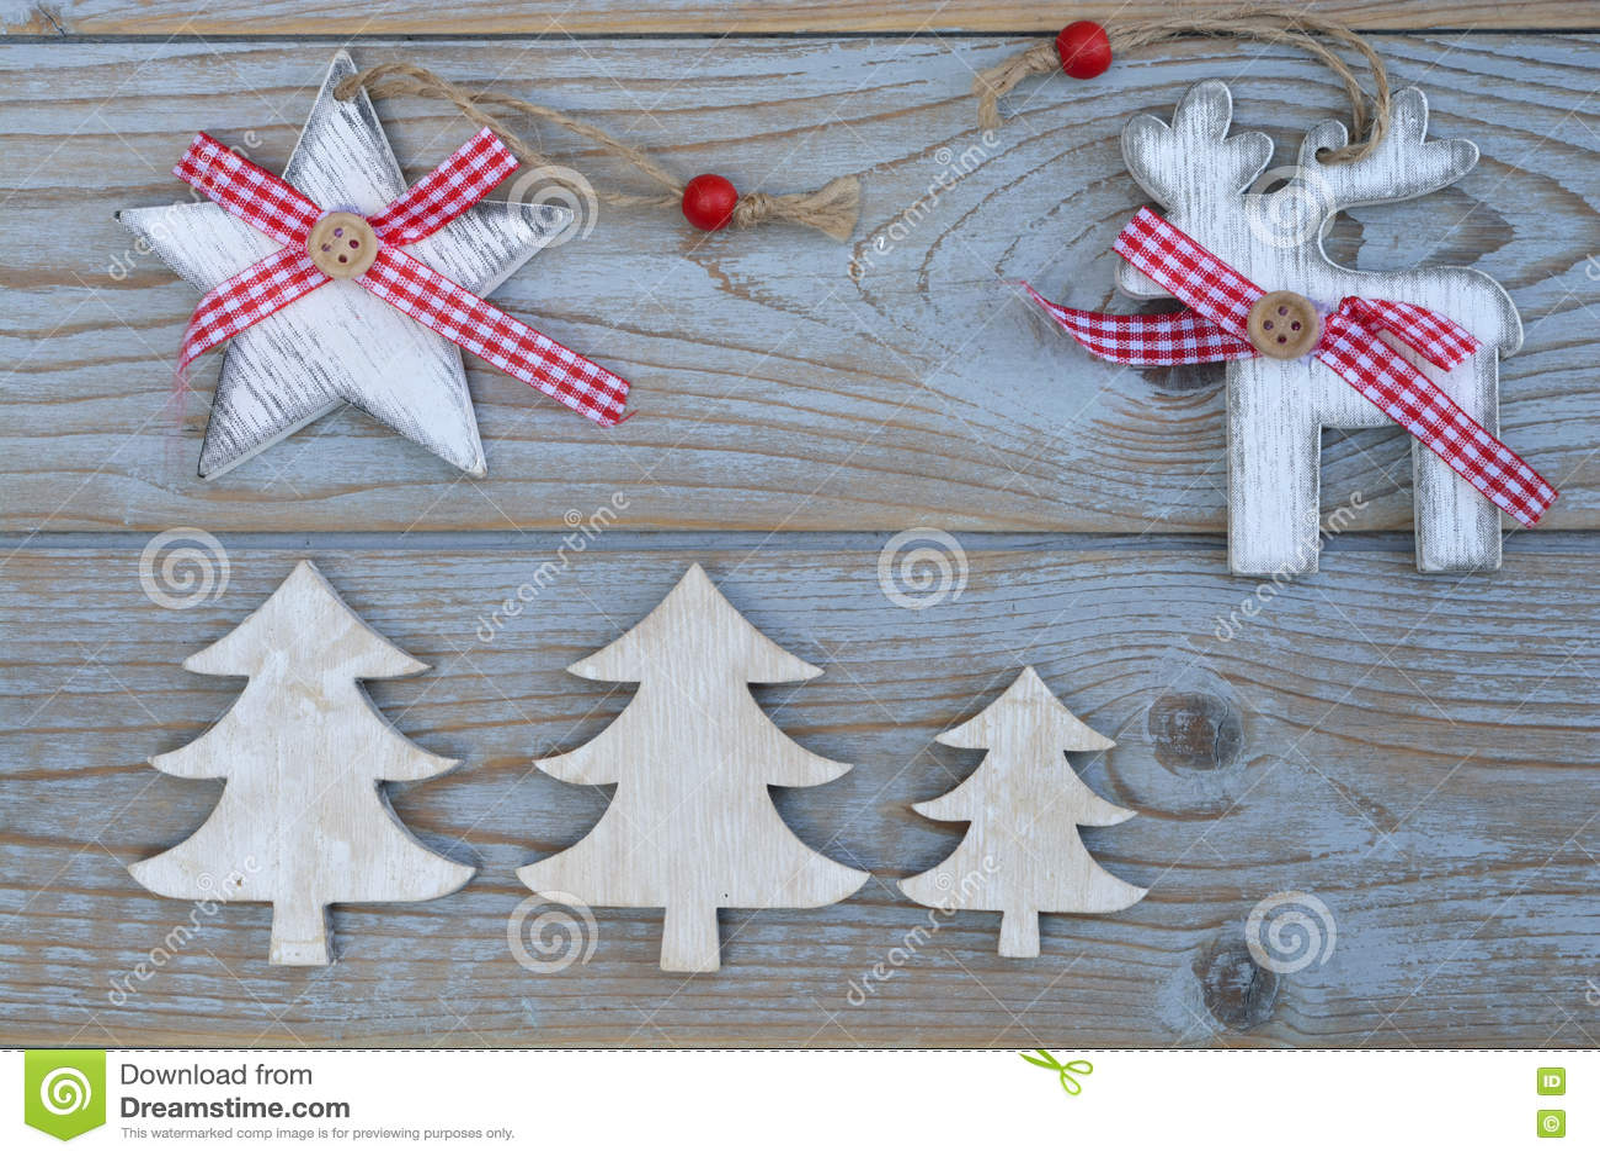 Decorazioni In Legno Per Albero Di Natale : Decorazione rossa bianca di natale come l albero di natale la